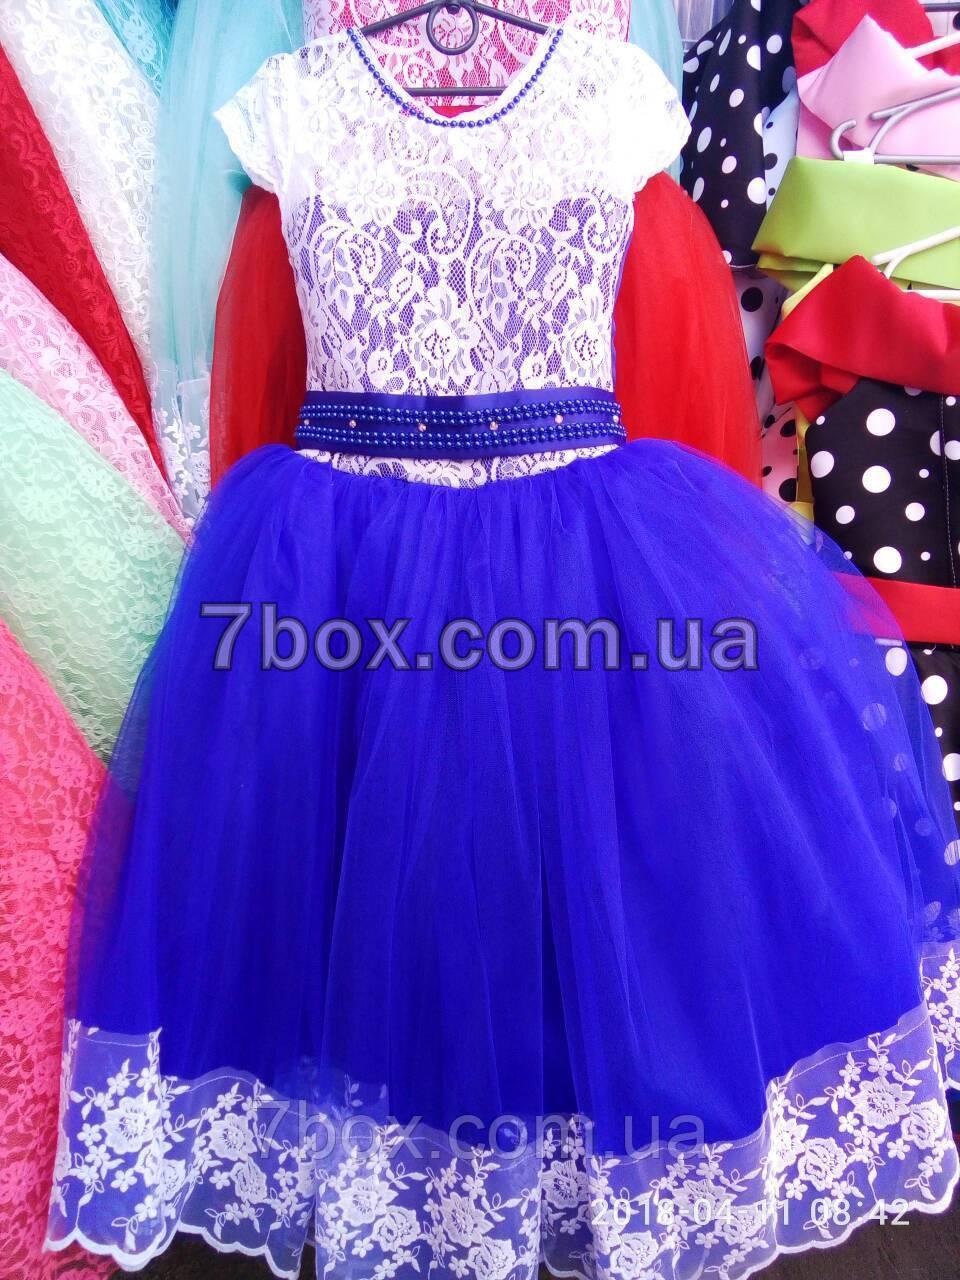 Детское нарядное платье бальное Валансьен.  Возраст 6-7 лет. Синее